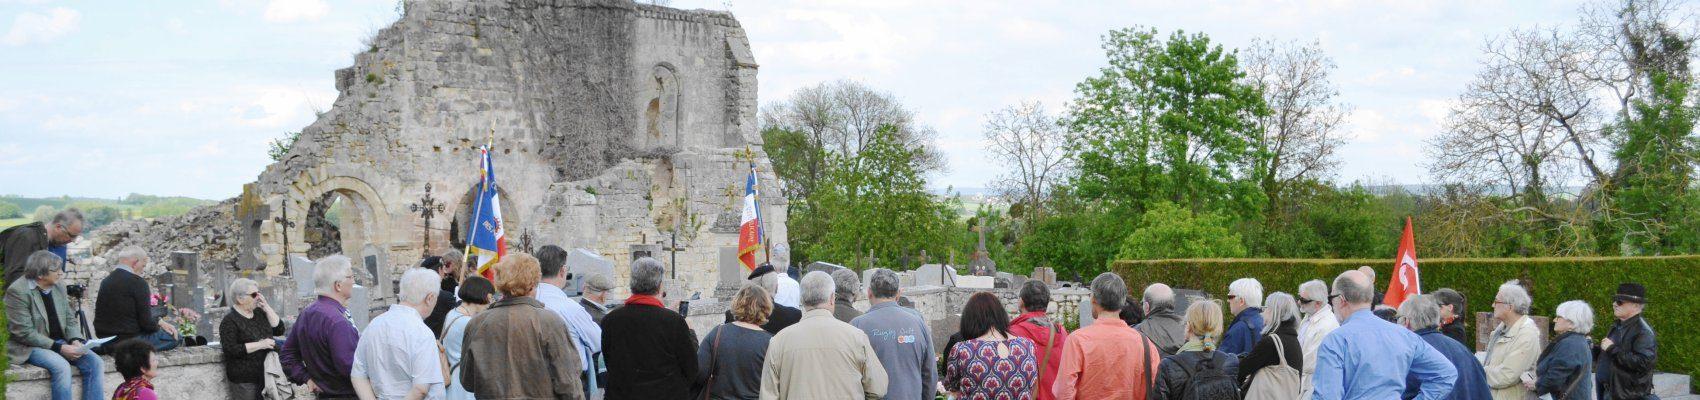 Monuments aux morts pacifistes, antimilitaristes, laïques et républicains